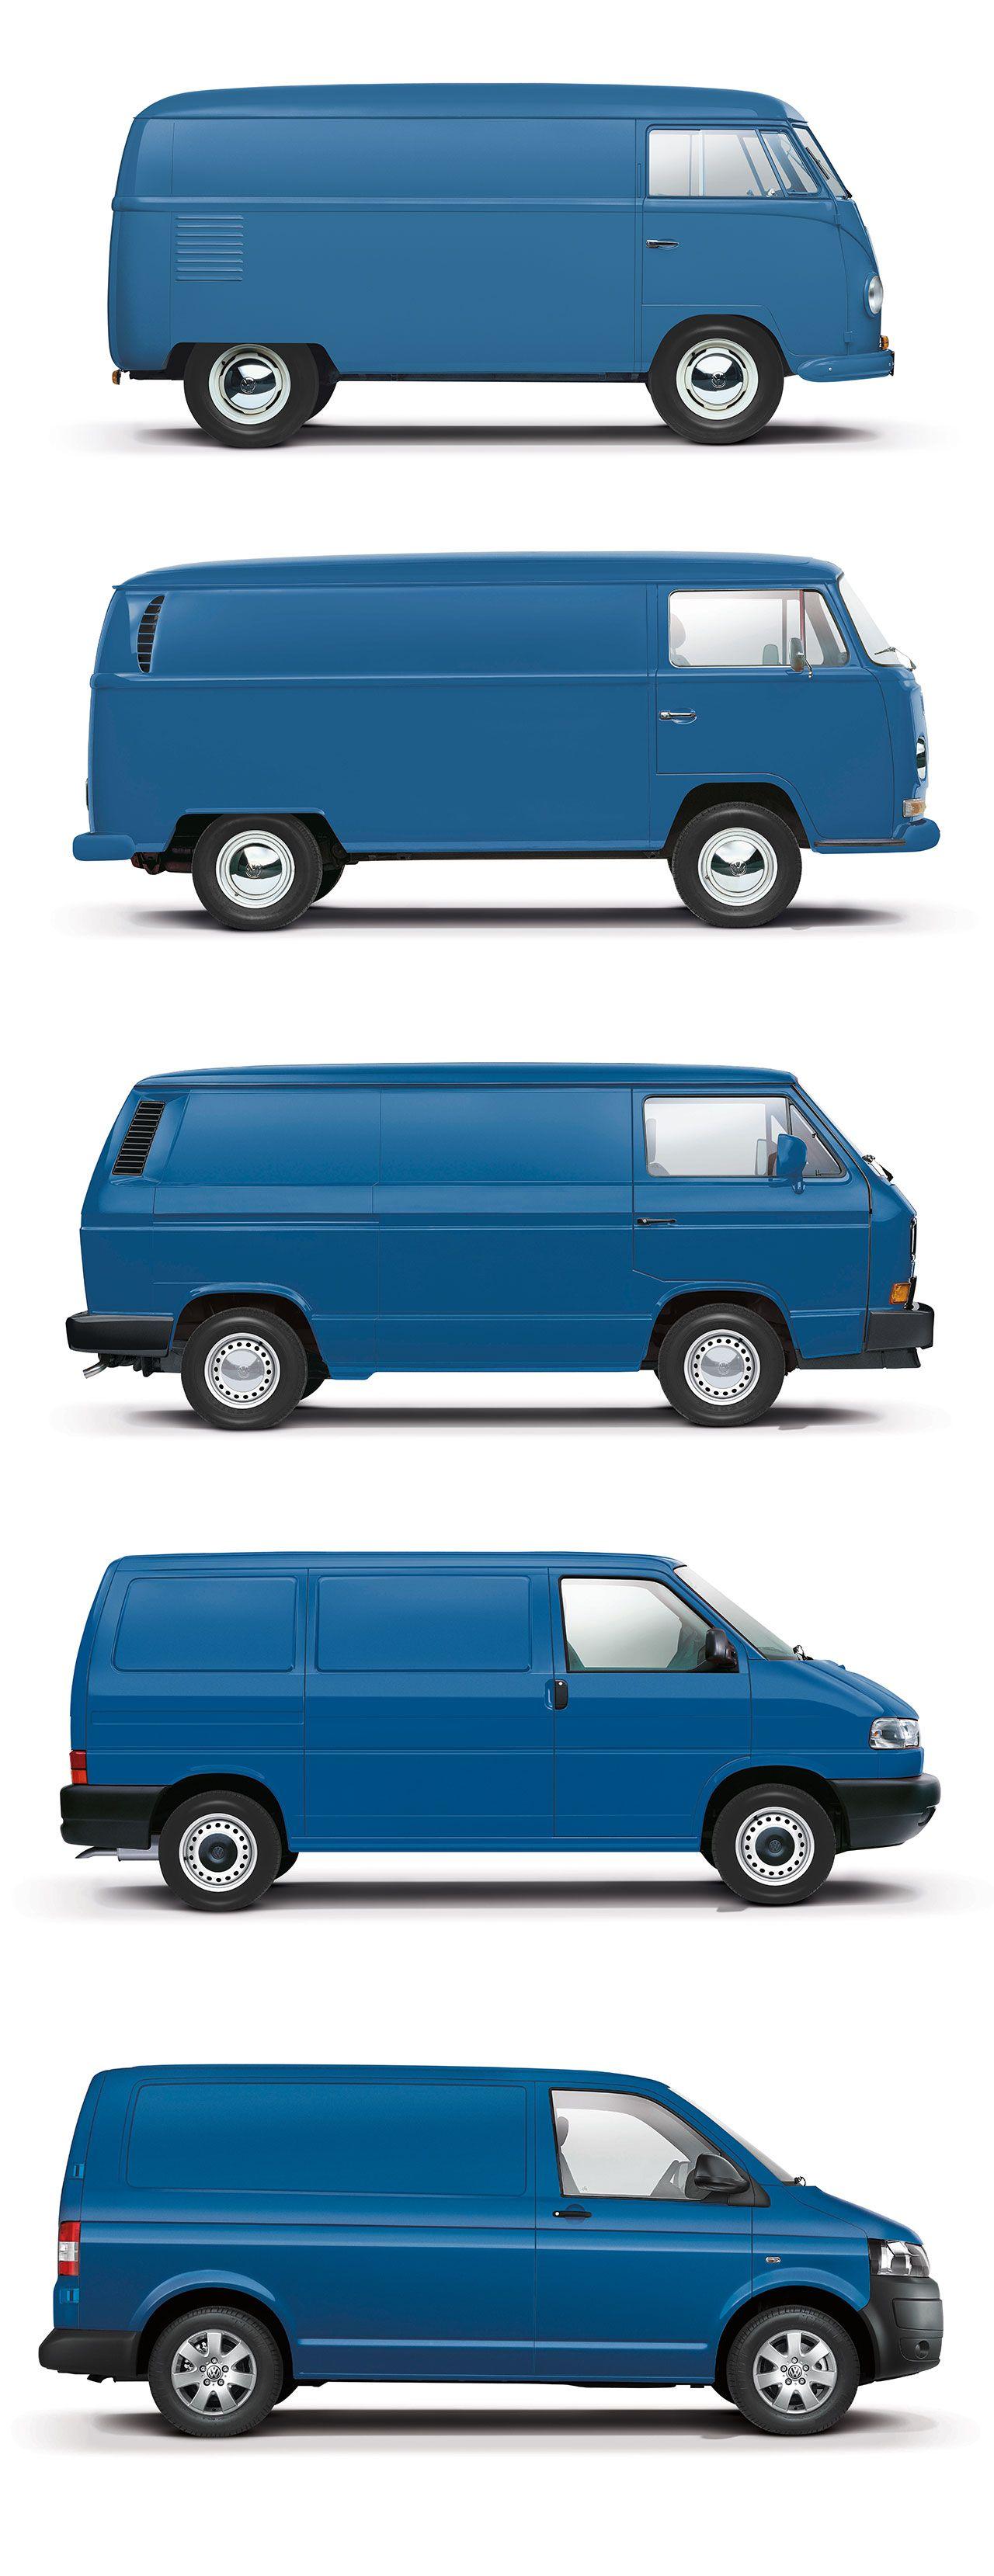 sixth gen volkswagen transporter previewed in design render car body design 234 uk. Black Bedroom Furniture Sets. Home Design Ideas